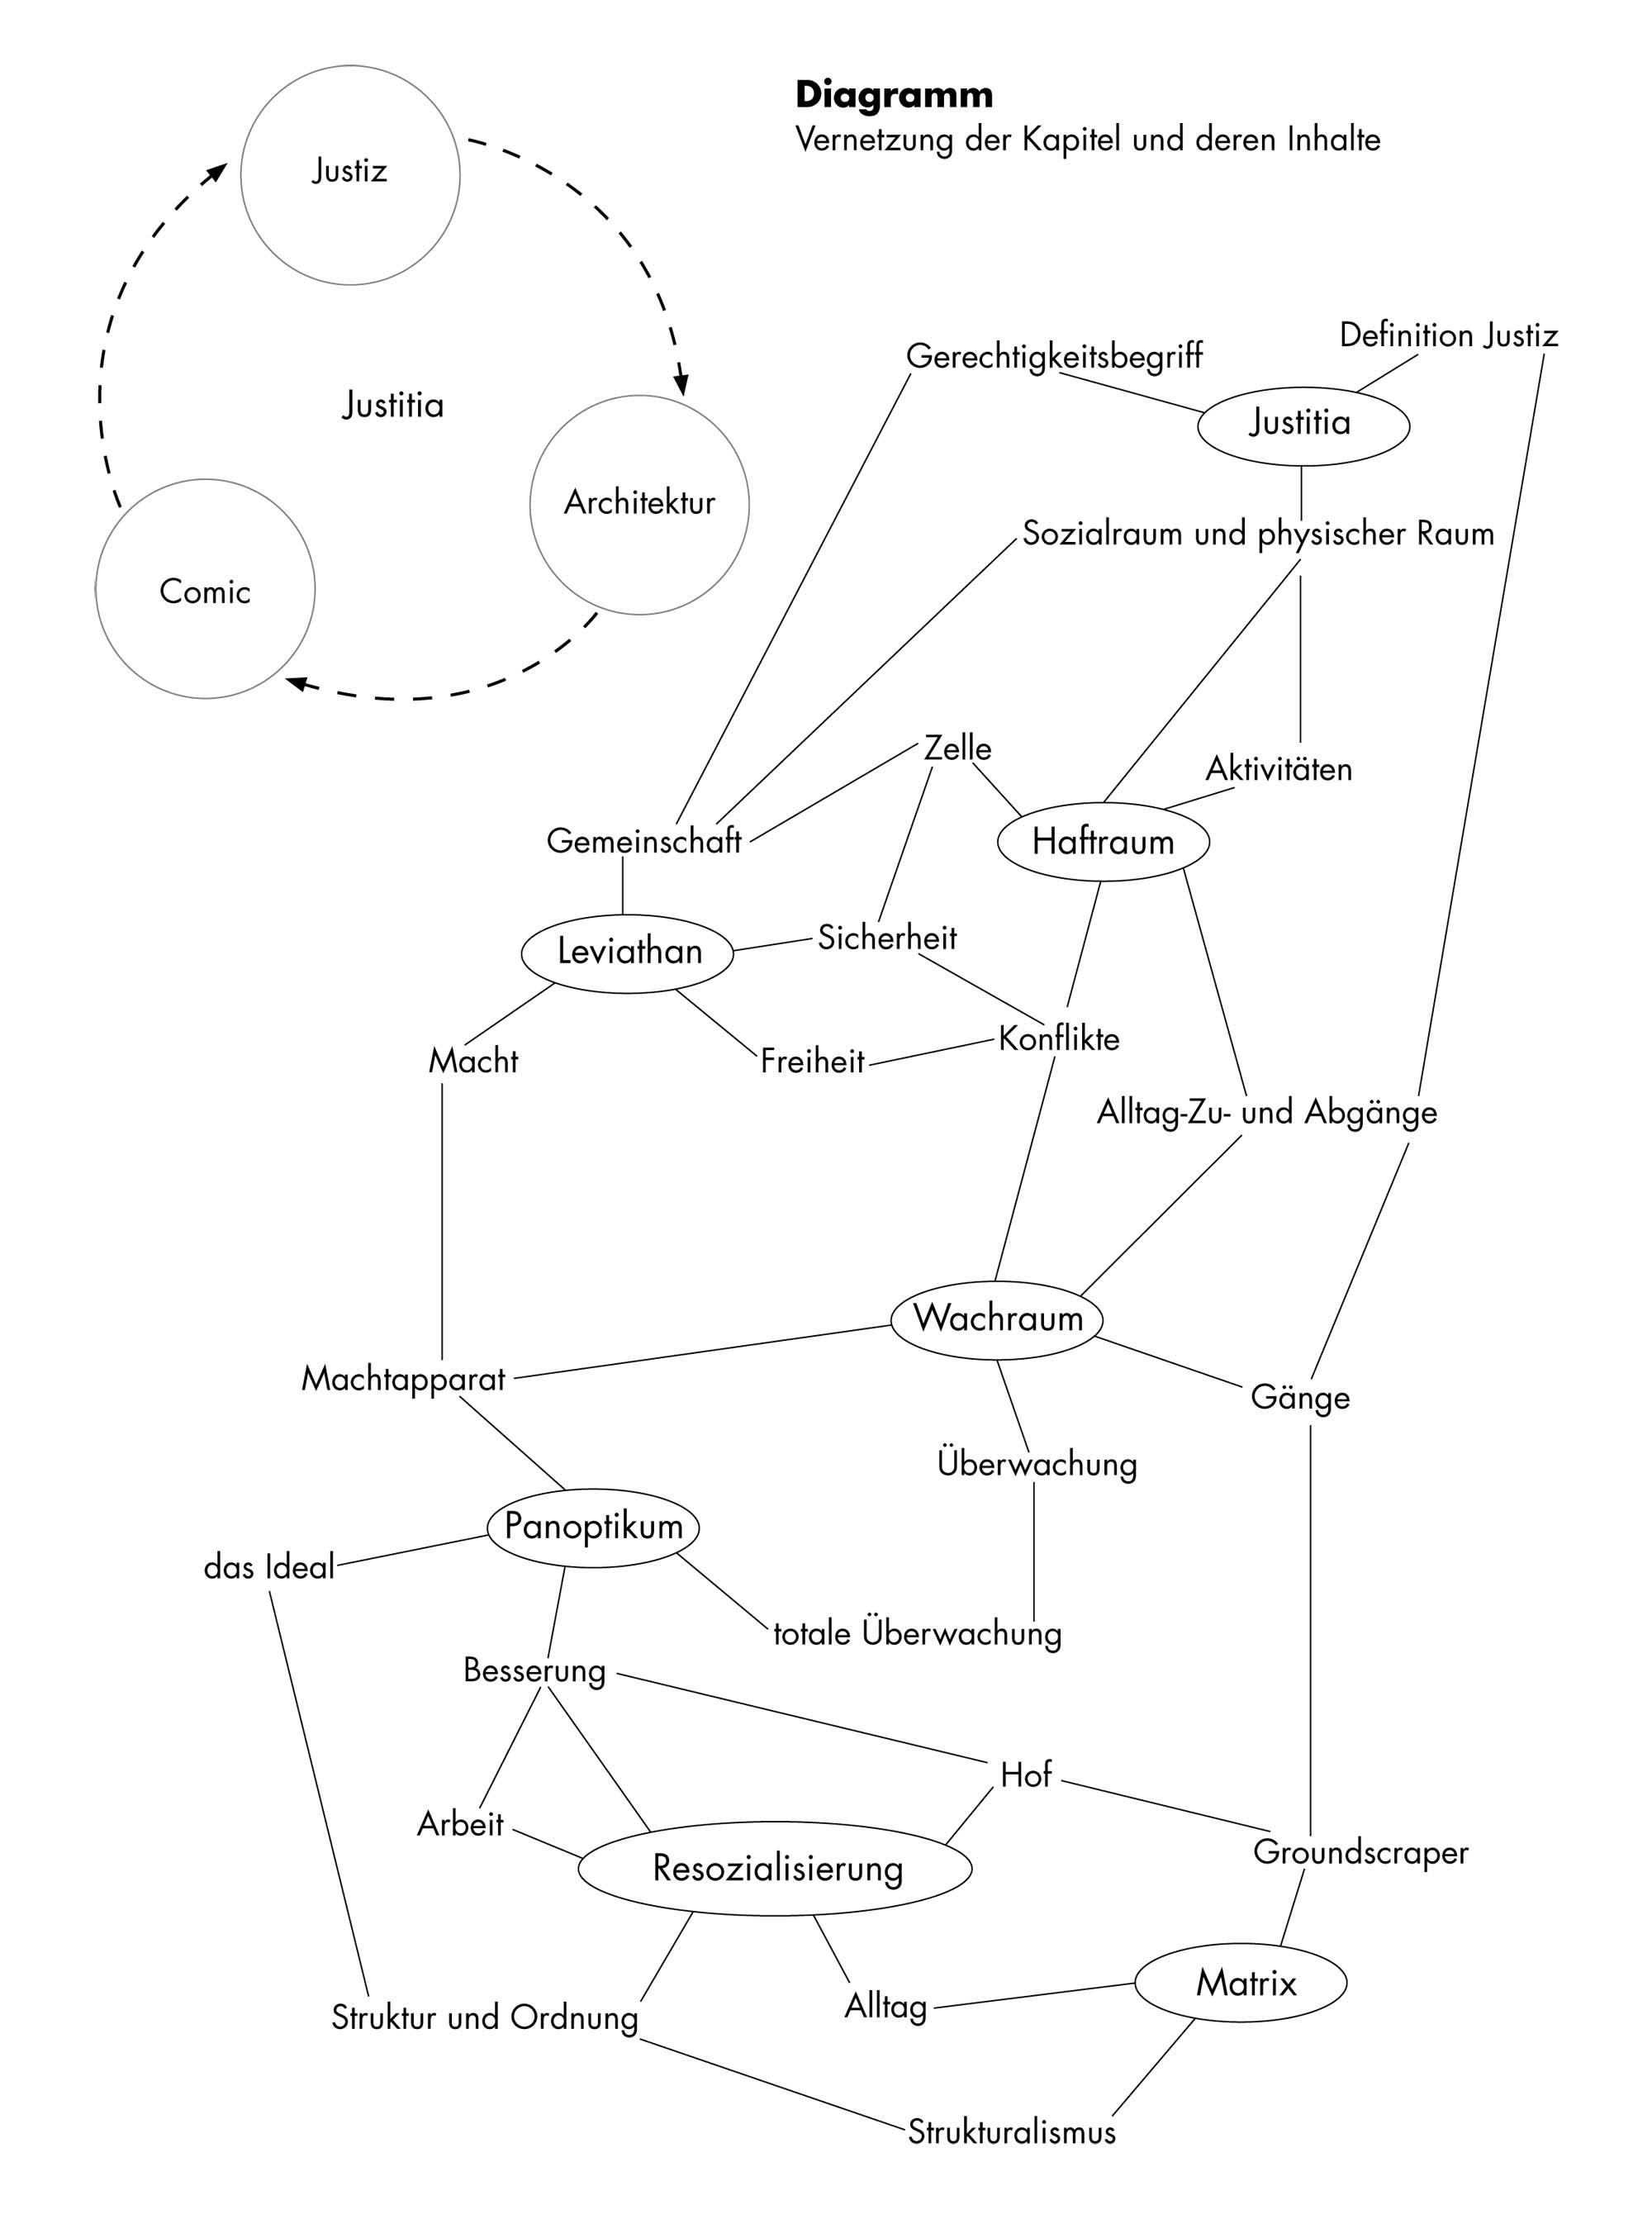 Schön Mack Draht Diagramm Ideen - Elektrische Schaltplan-Ideen ...